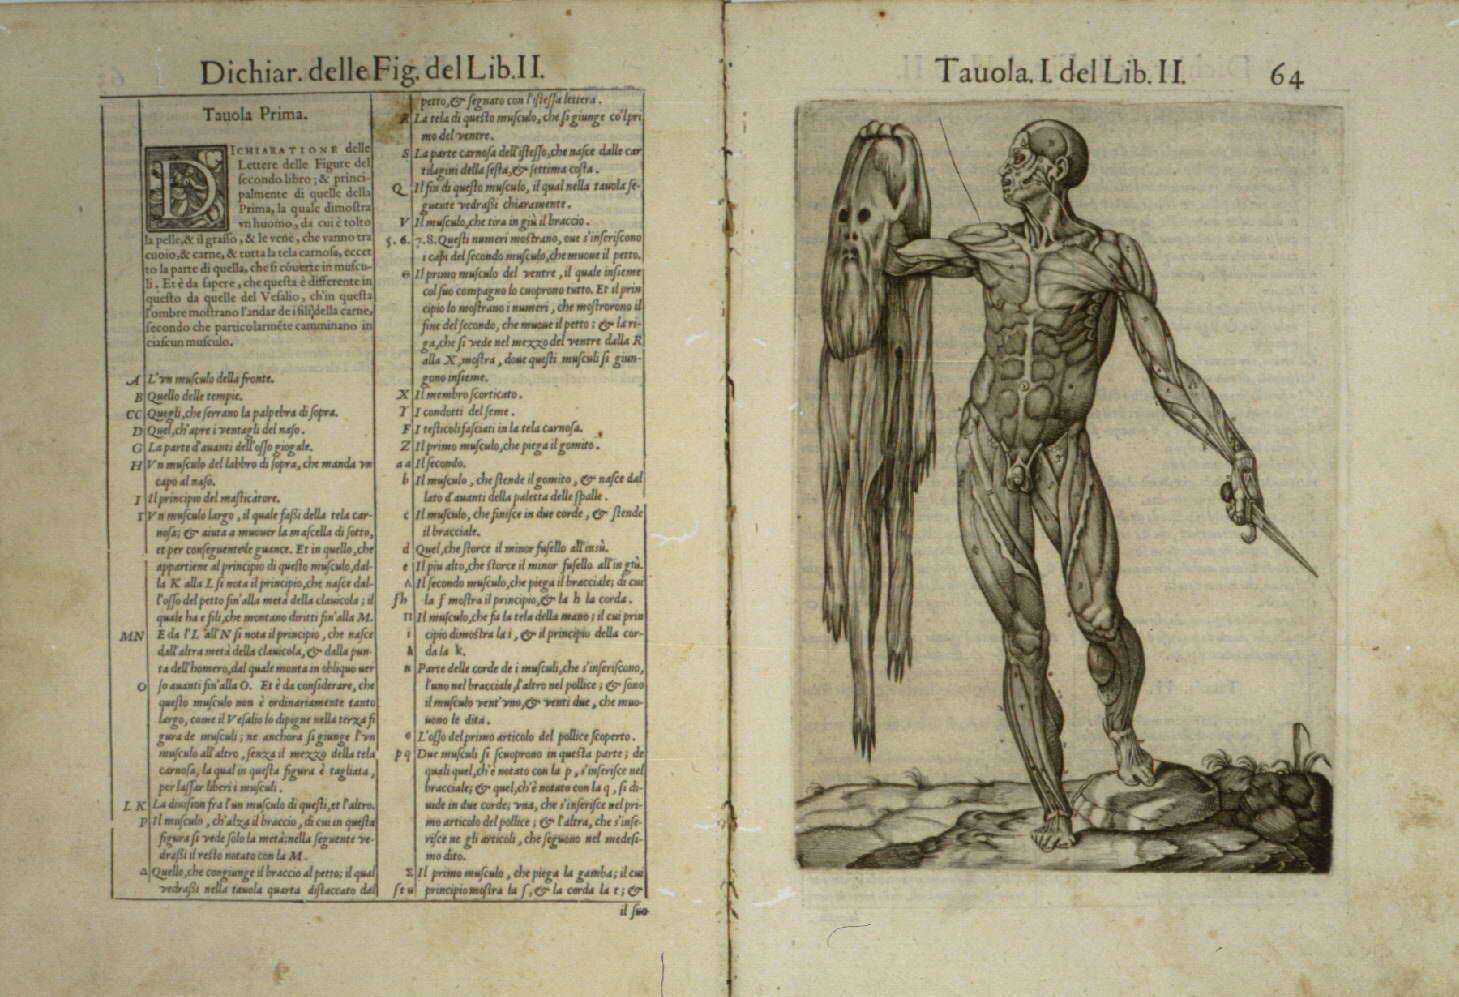 musei e collezioni di storia della medicina | muSME